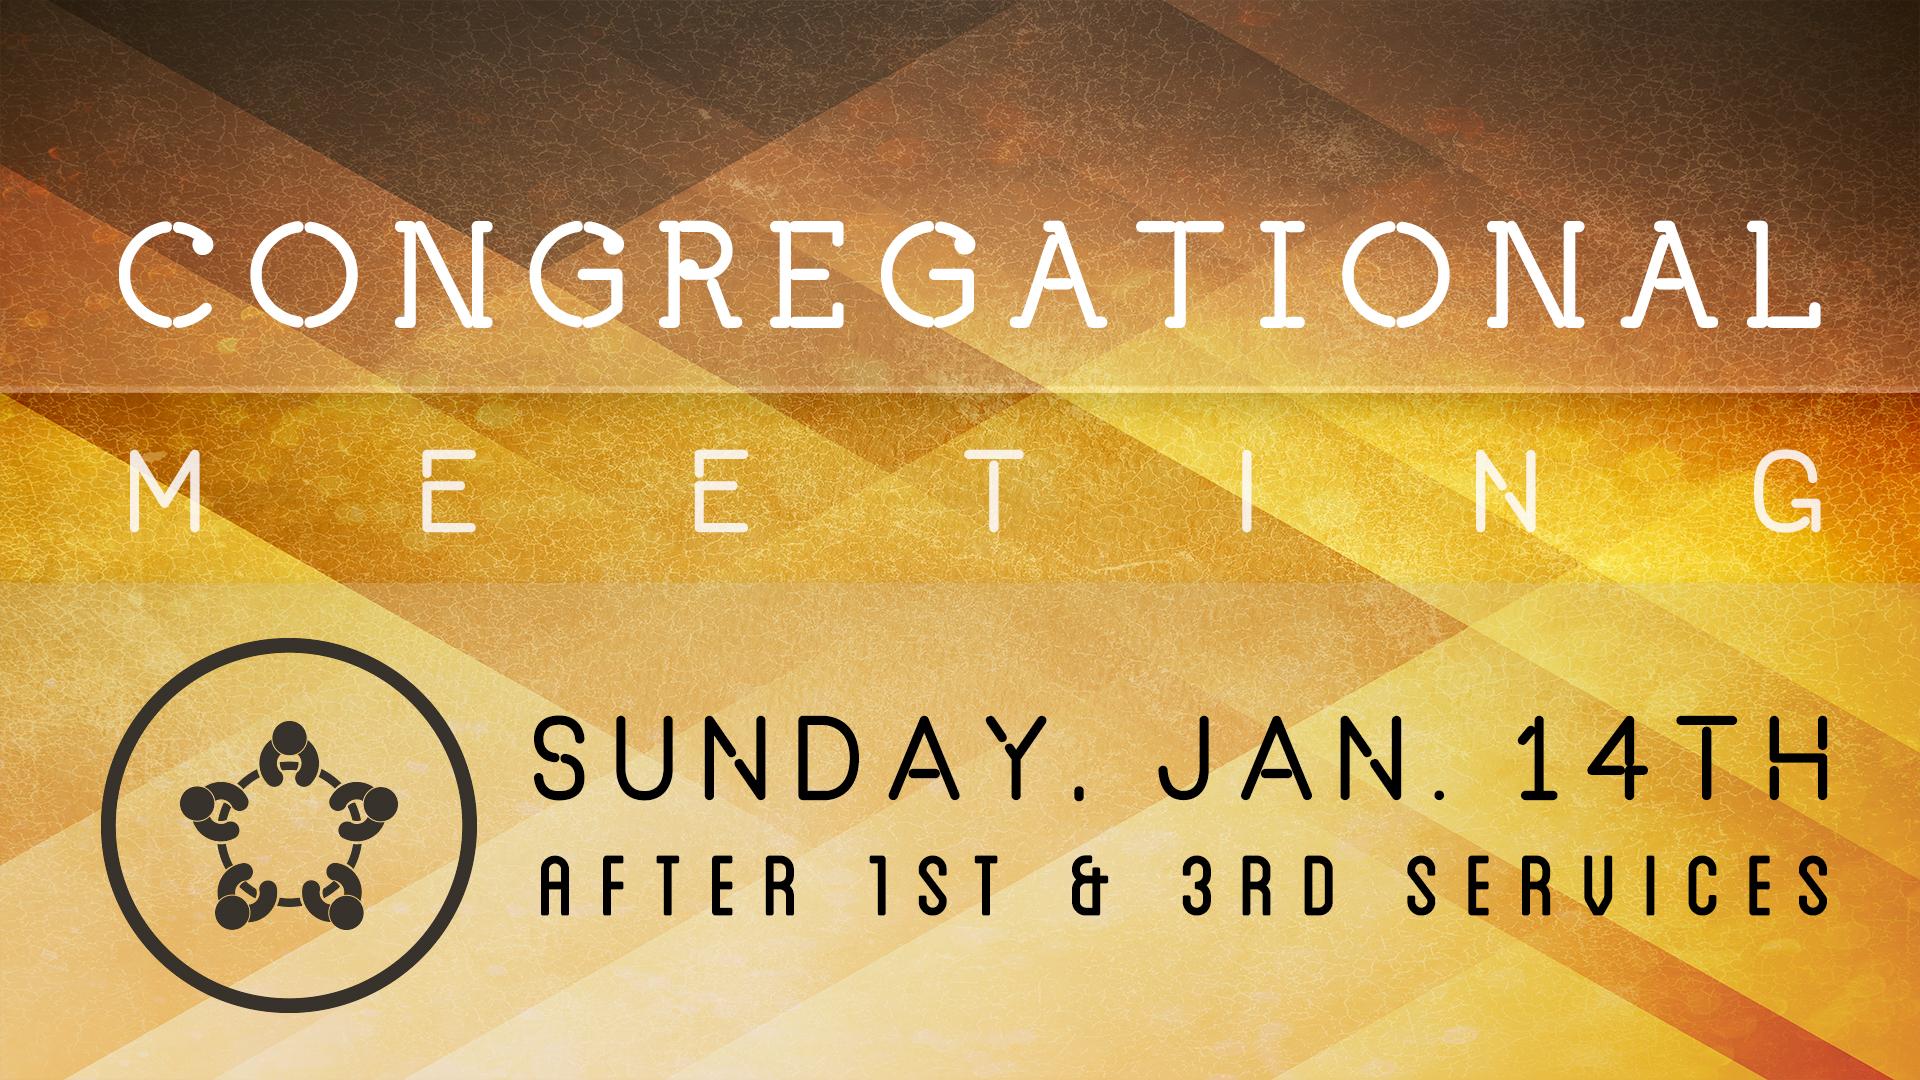 CongregationalMeeting_broadway image